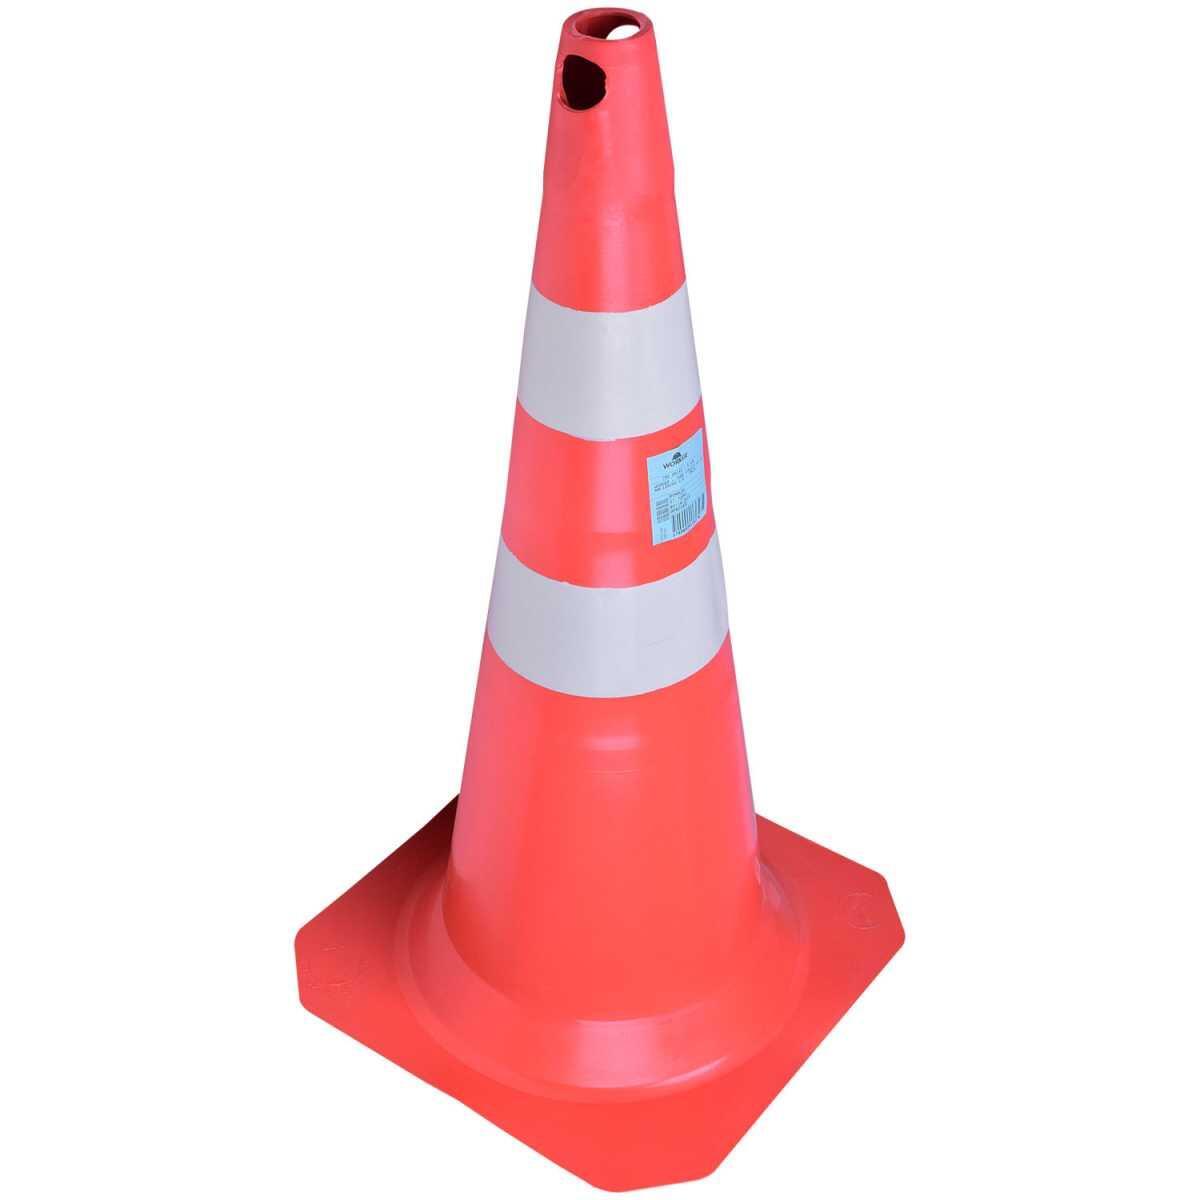 Cone para Sinalização em Pvc 75Cm Laranja e Branco Worker